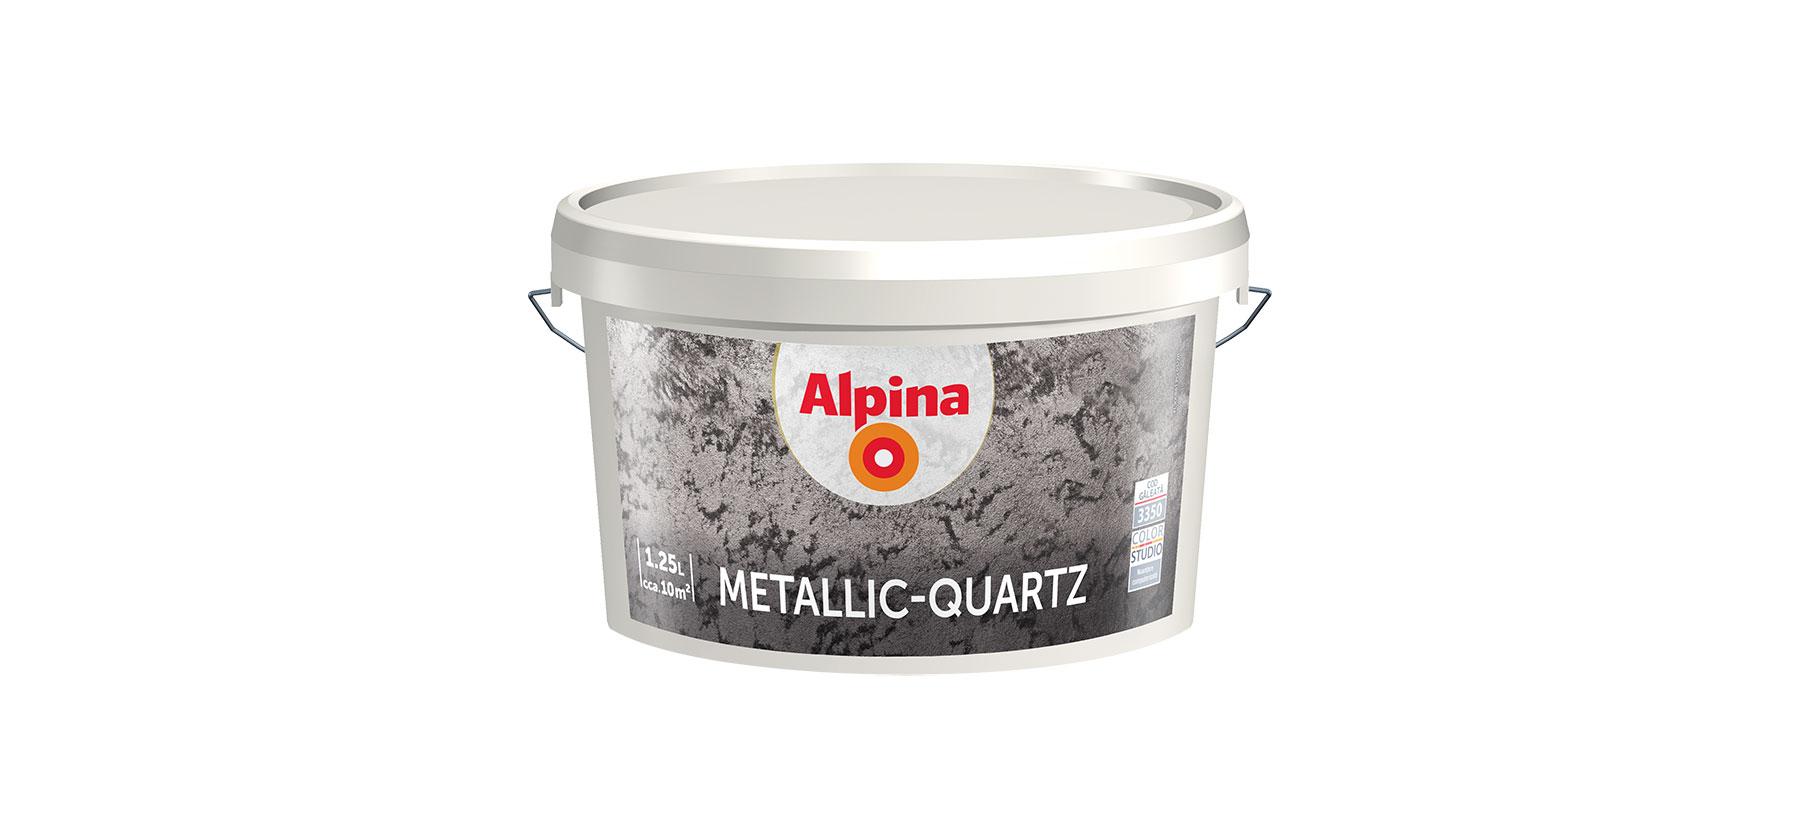 Alpina Metallic-Quartz